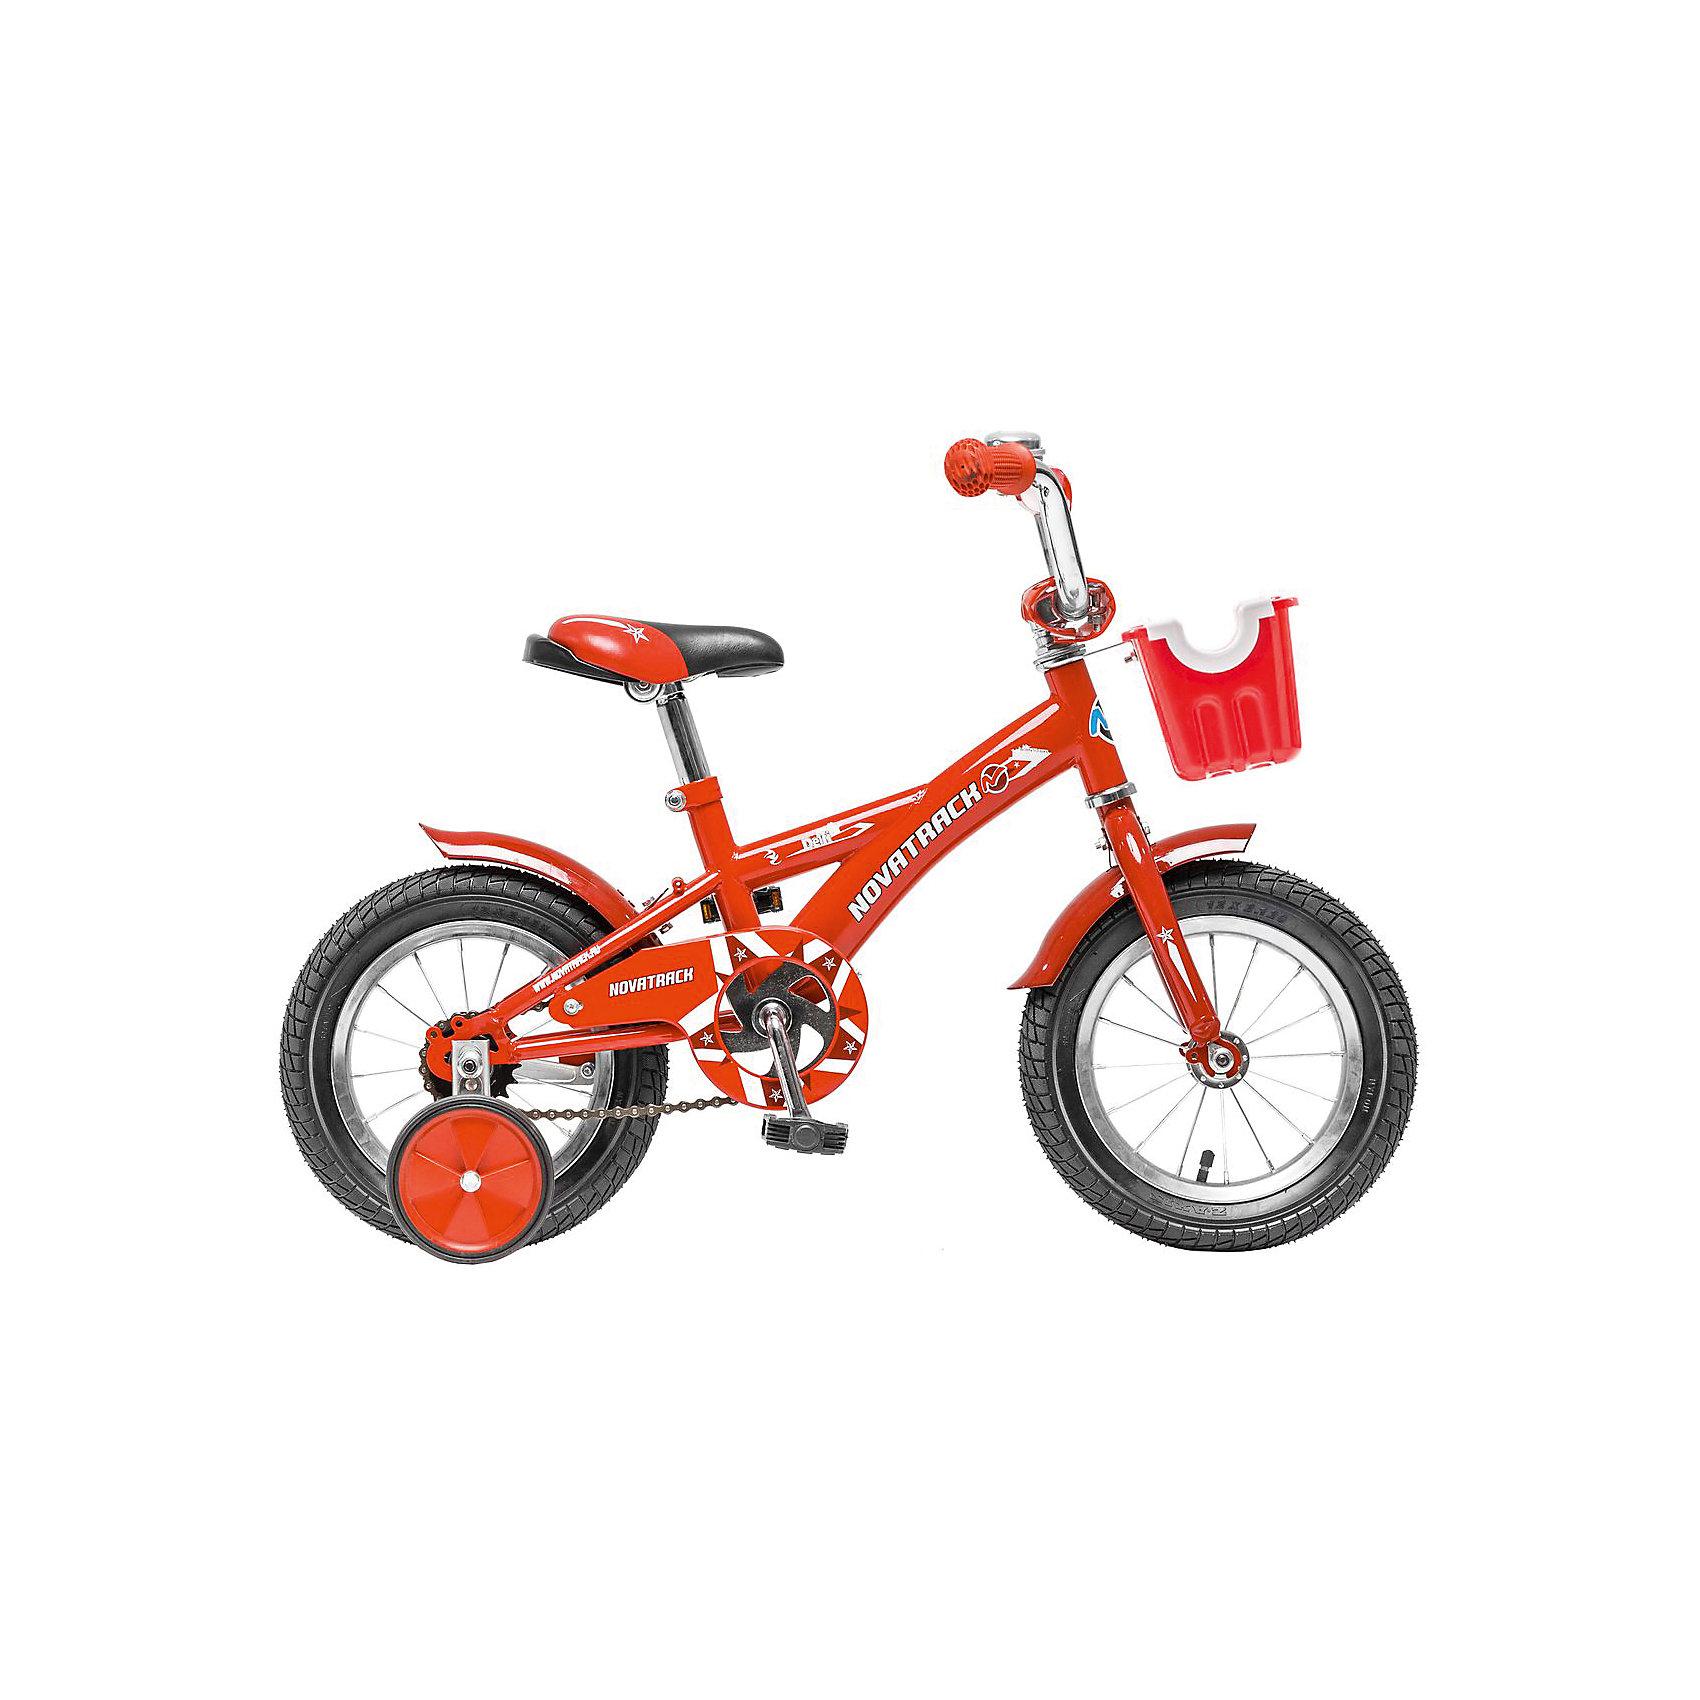 Велосипед Delfi, красно-бордовый, 12 дюймов, NovatrackВелосипеды детские<br>Велосипед Novatrack Delfi c 12-дюймовыми колесами – это надежный велосипед для ребят от 2 до 4 лет. Привлекательный дизайн, надежная сборка, легкость и отличная управляемость – это еще не все плюсы данной модели. Велосипед Delfi снабжен ограничителем поворота руля, который не позволит ребенку слишком сильно вывернуть переднее колесо велосипеда, и тем самым предотвратит падения. Цепь закрыта декоративной накладкой, которая защитит одежду и ноги ребенка от попадания в механизм. Данная модель специально разработана для легкого обучения езде на велосипеде. Низкая рама позволит ребенку быстро взбираться и слезать с велосипеда. Колеса закрыты крыльями, которые защитят ребенка от брызг, а на руле располагается вместительная корзинка для перевозки самых необходимых в дороге предметов.<br><br>Велосипед Delfi, красно-бордовый, 12 дюймов, Novatrack можно купить в нашем интернет-магазине.<br><br>Ширина мм: 810<br>Глубина мм: 185<br>Высота мм: 410<br>Вес г: 9500<br>Возраст от месяцев: 36<br>Возраст до месяцев: 60<br>Пол: Унисекс<br>Возраст: Детский<br>SKU: 5613199